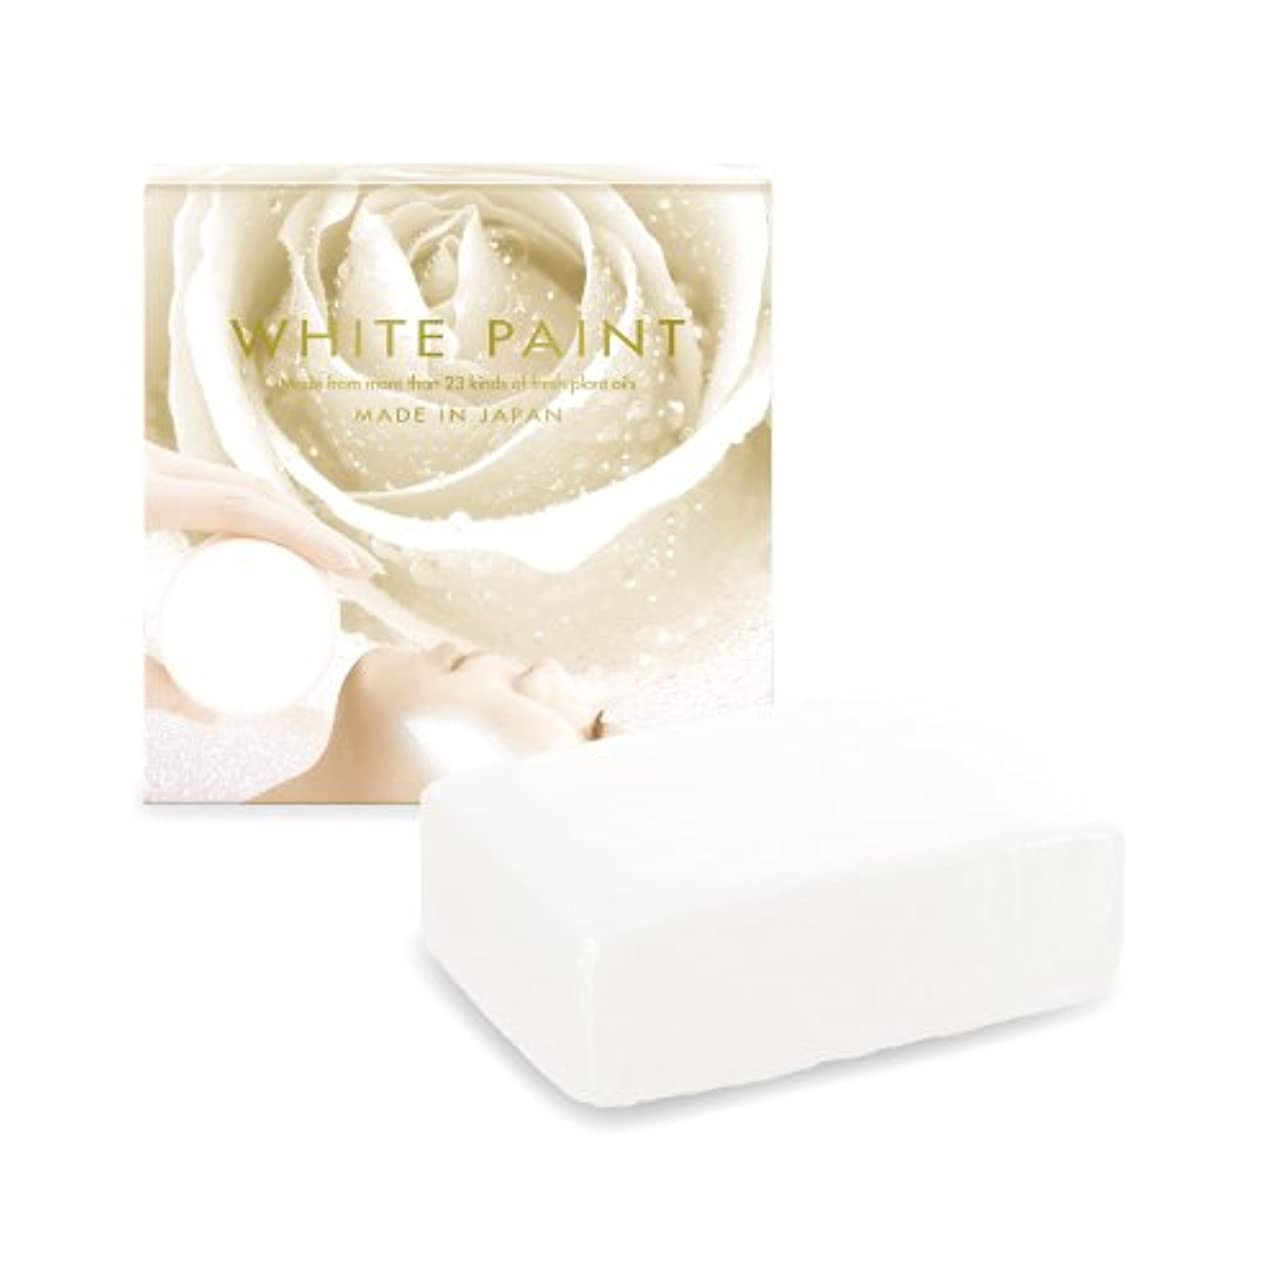 認知伝導率腫瘍ホワイトペイント 60g ハーフサイズ 塗る洗顔 石鹸 無添加 国産